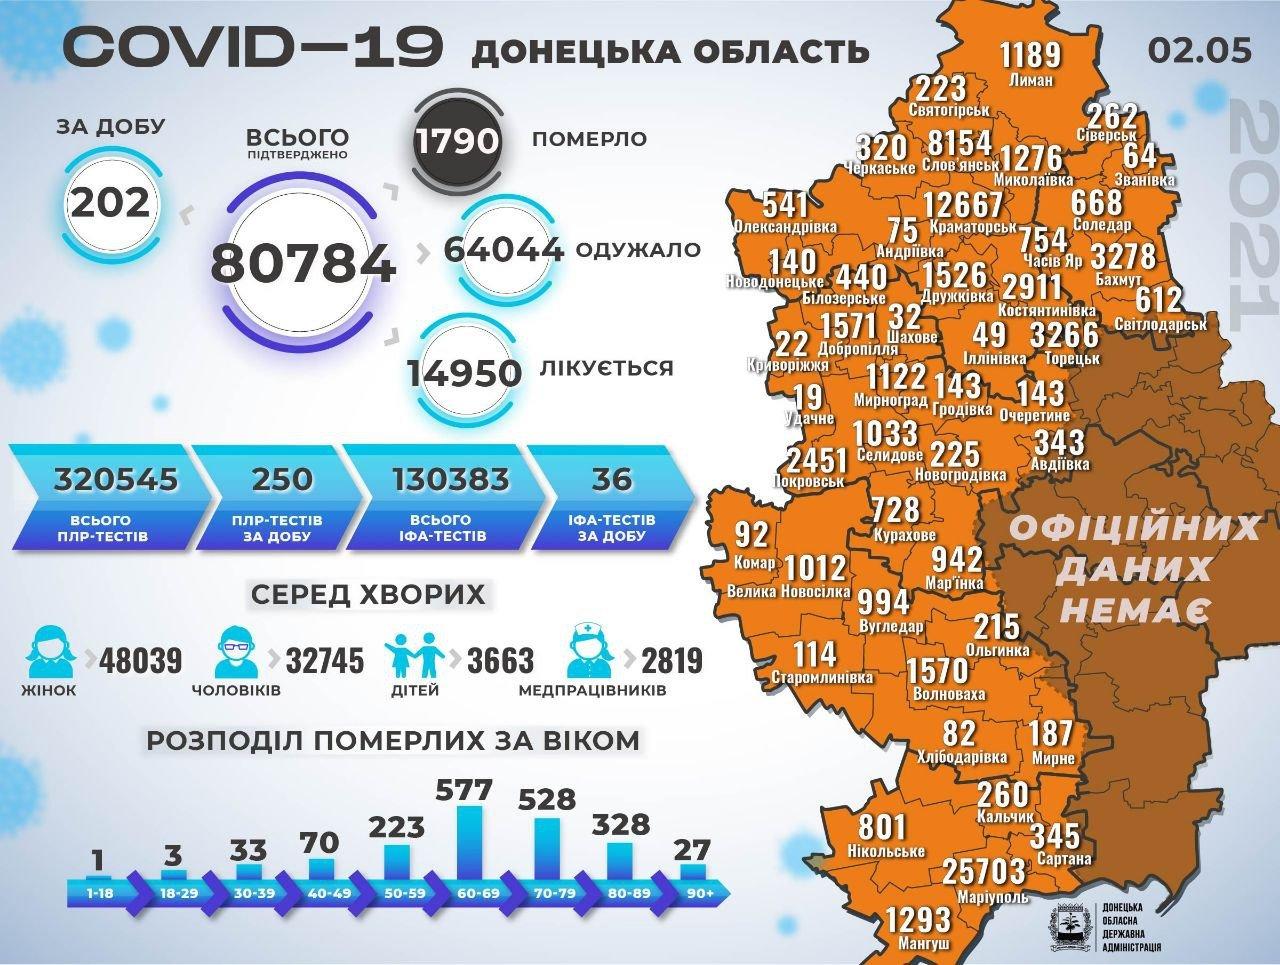 В Донецкой области 202 человека заболели коронавирусом, фото-1